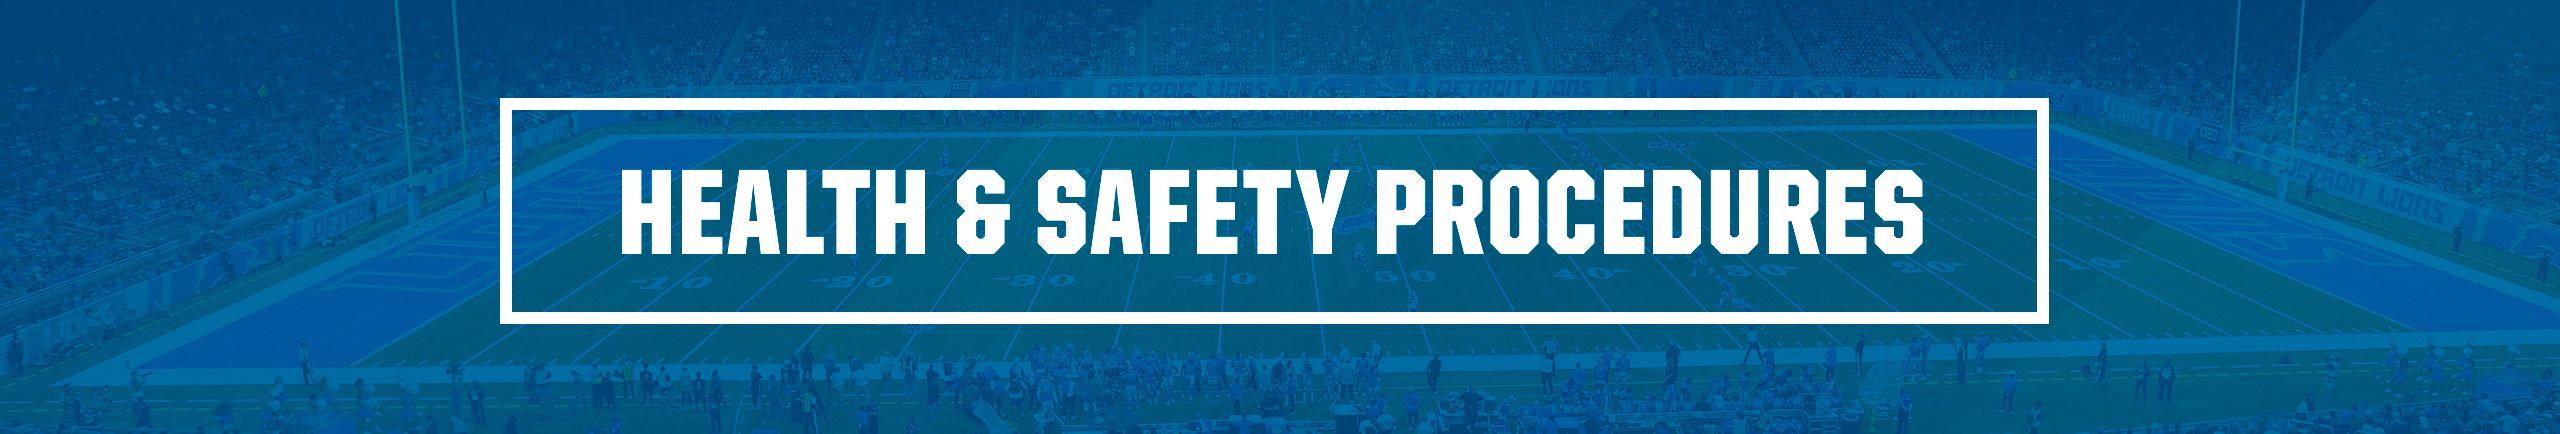 health-safety-header2